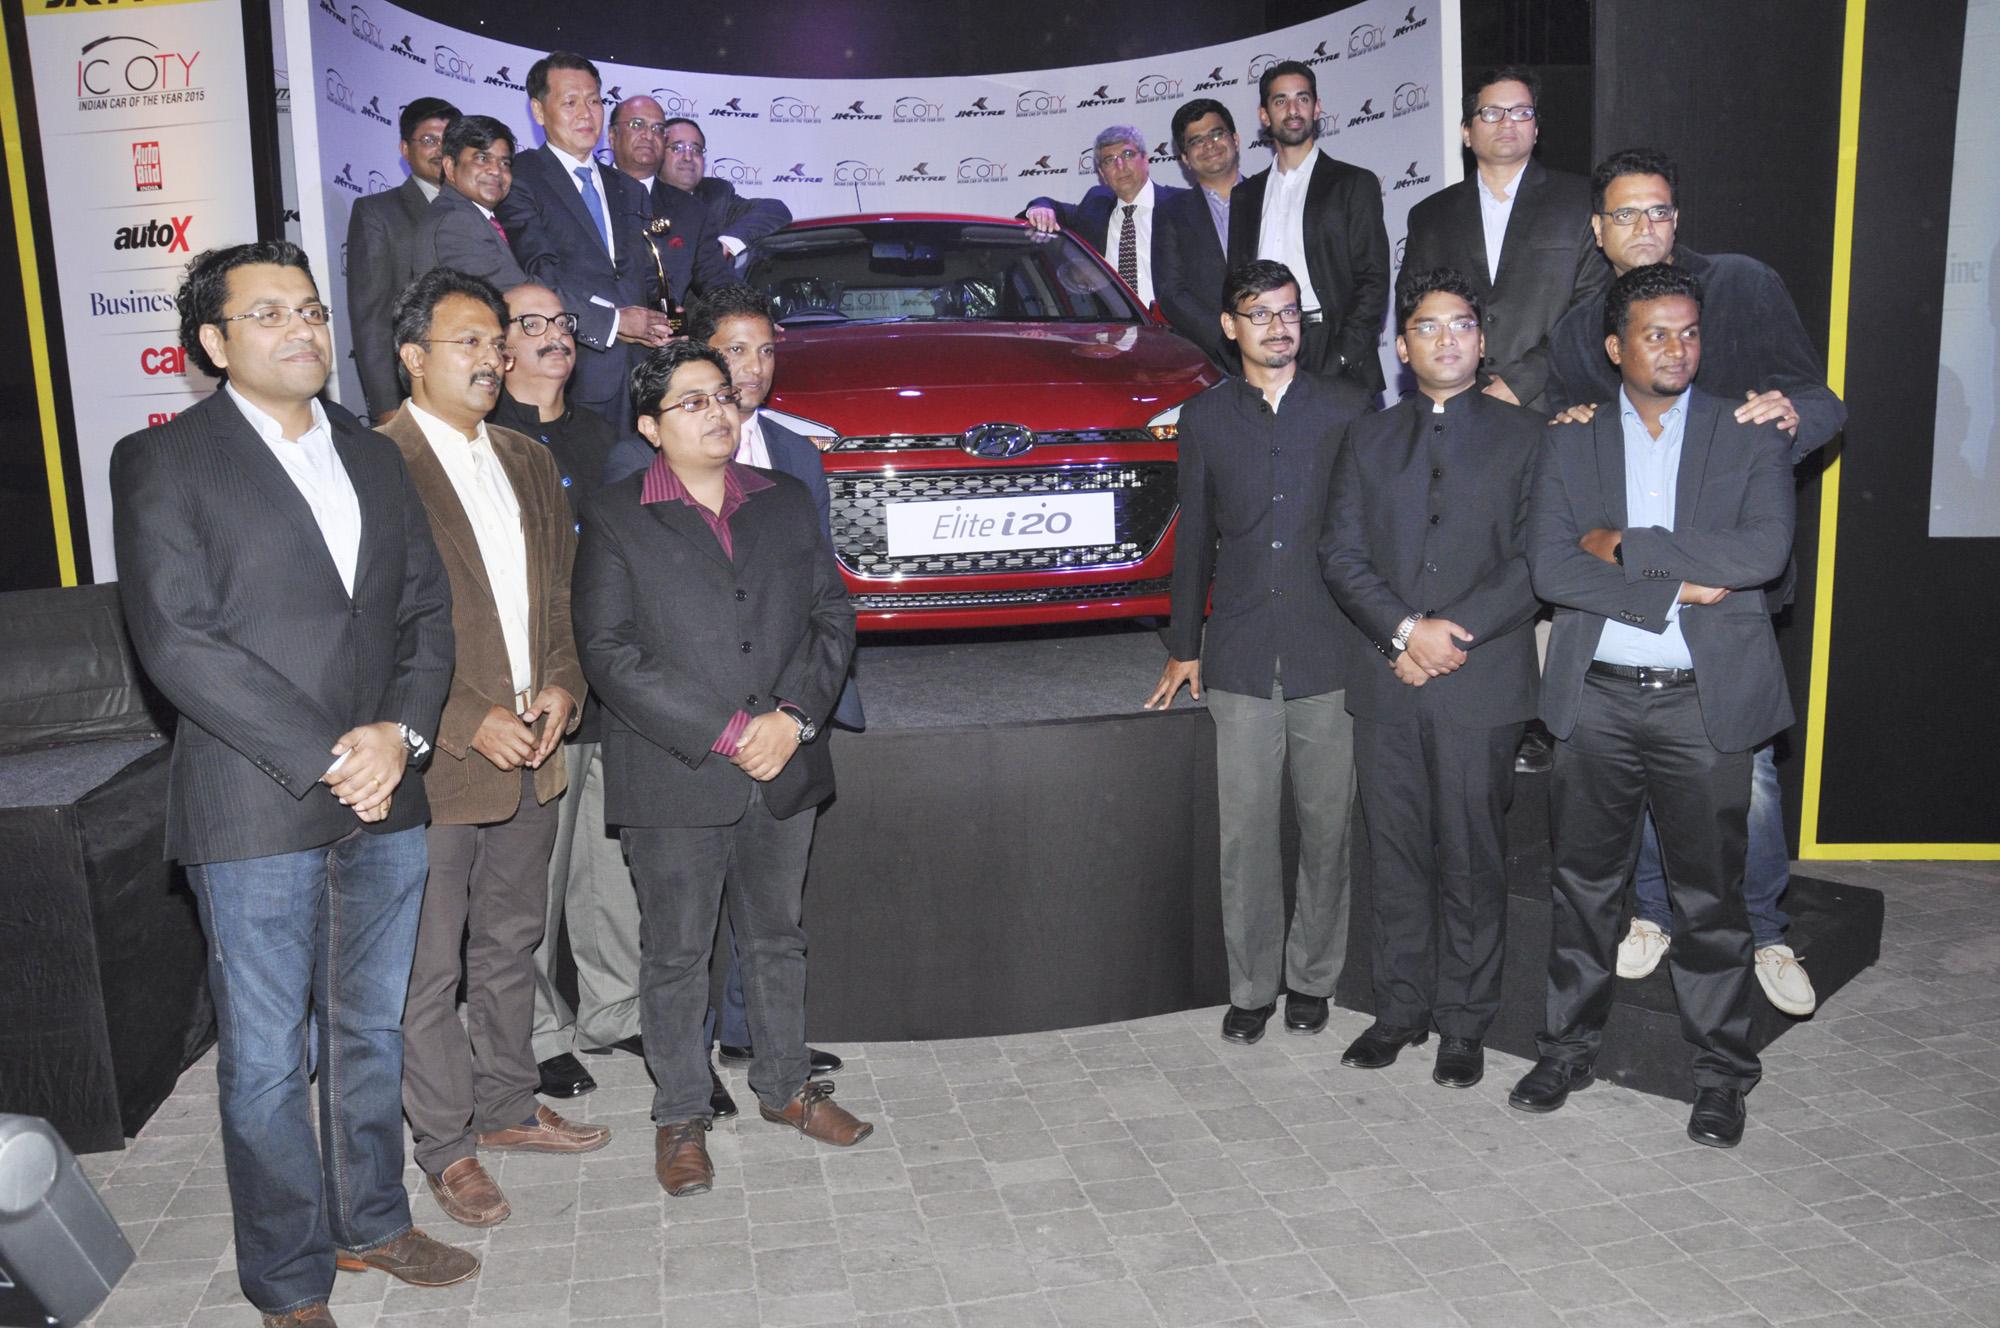 Hyundai i20 Elite giành giải Xe của năm 2015 tại Ấn Độ 5